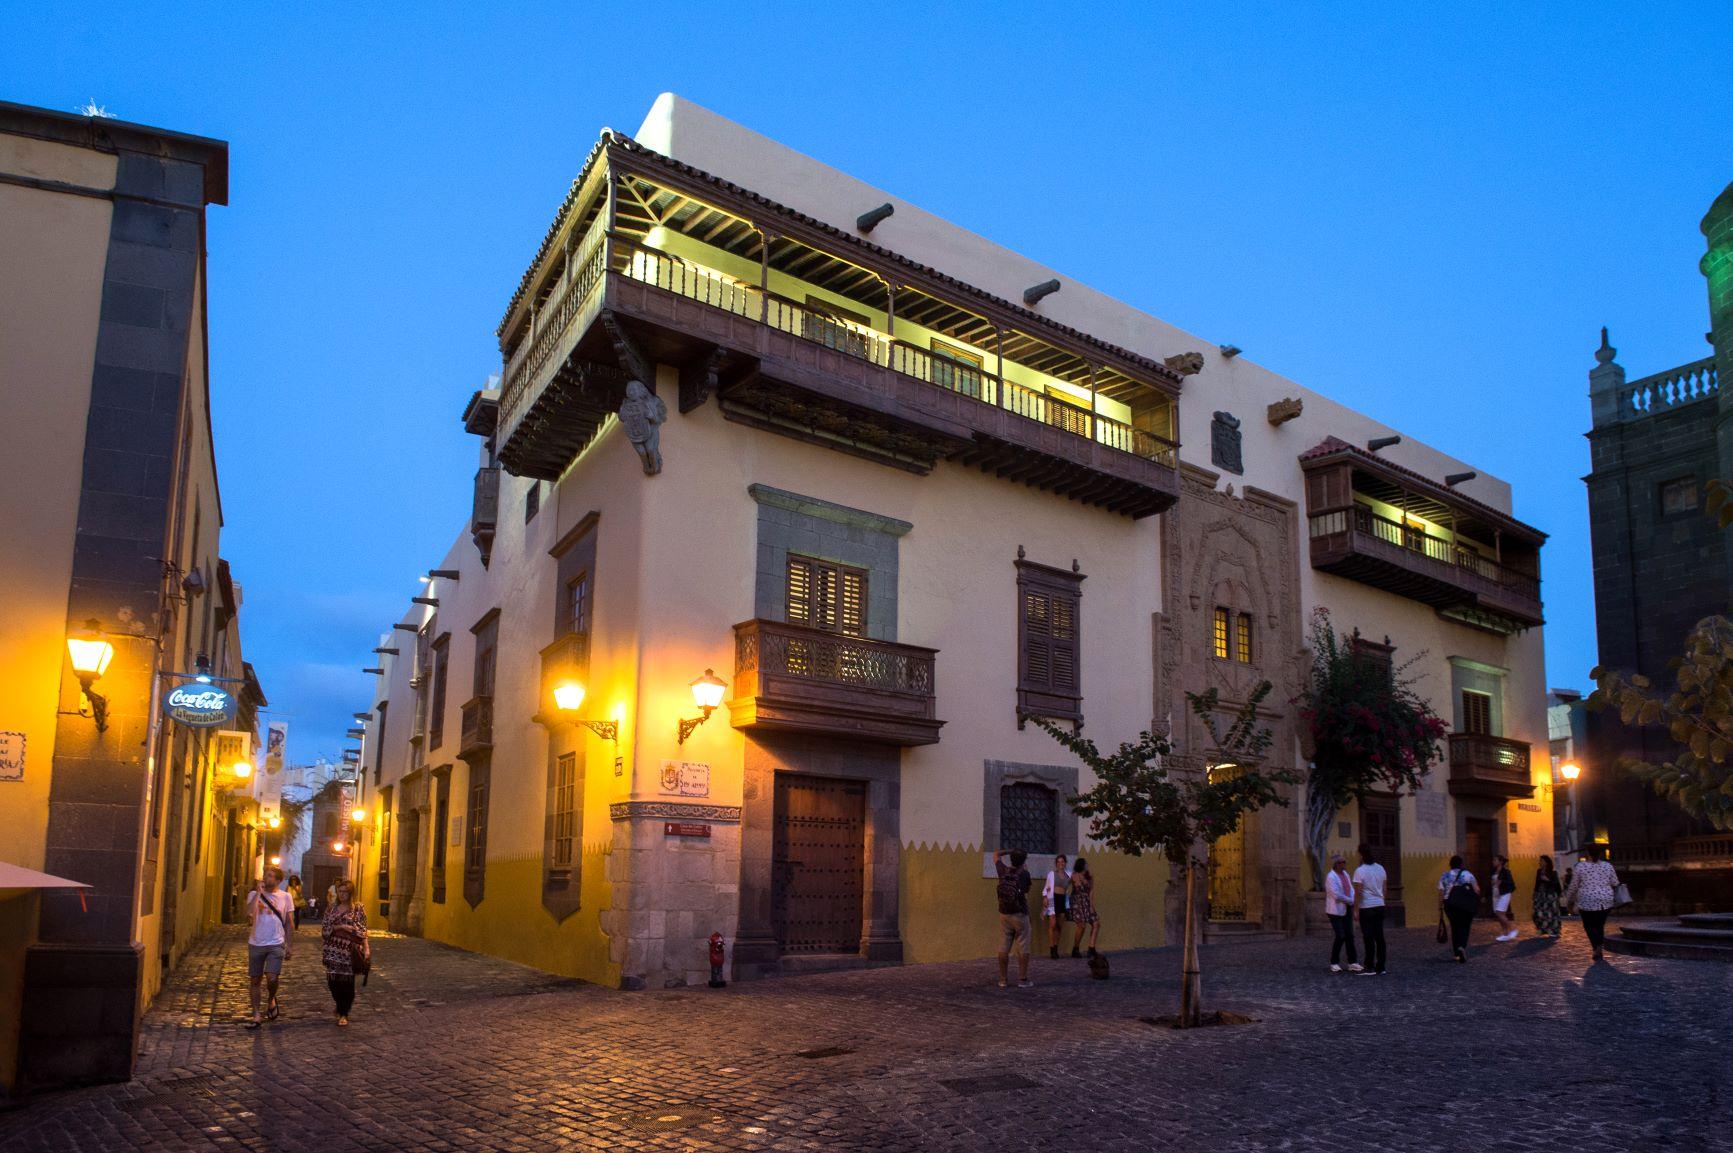 La Casa de Colón realizará el Coloquio de Historia Canario-Americano a fines de año